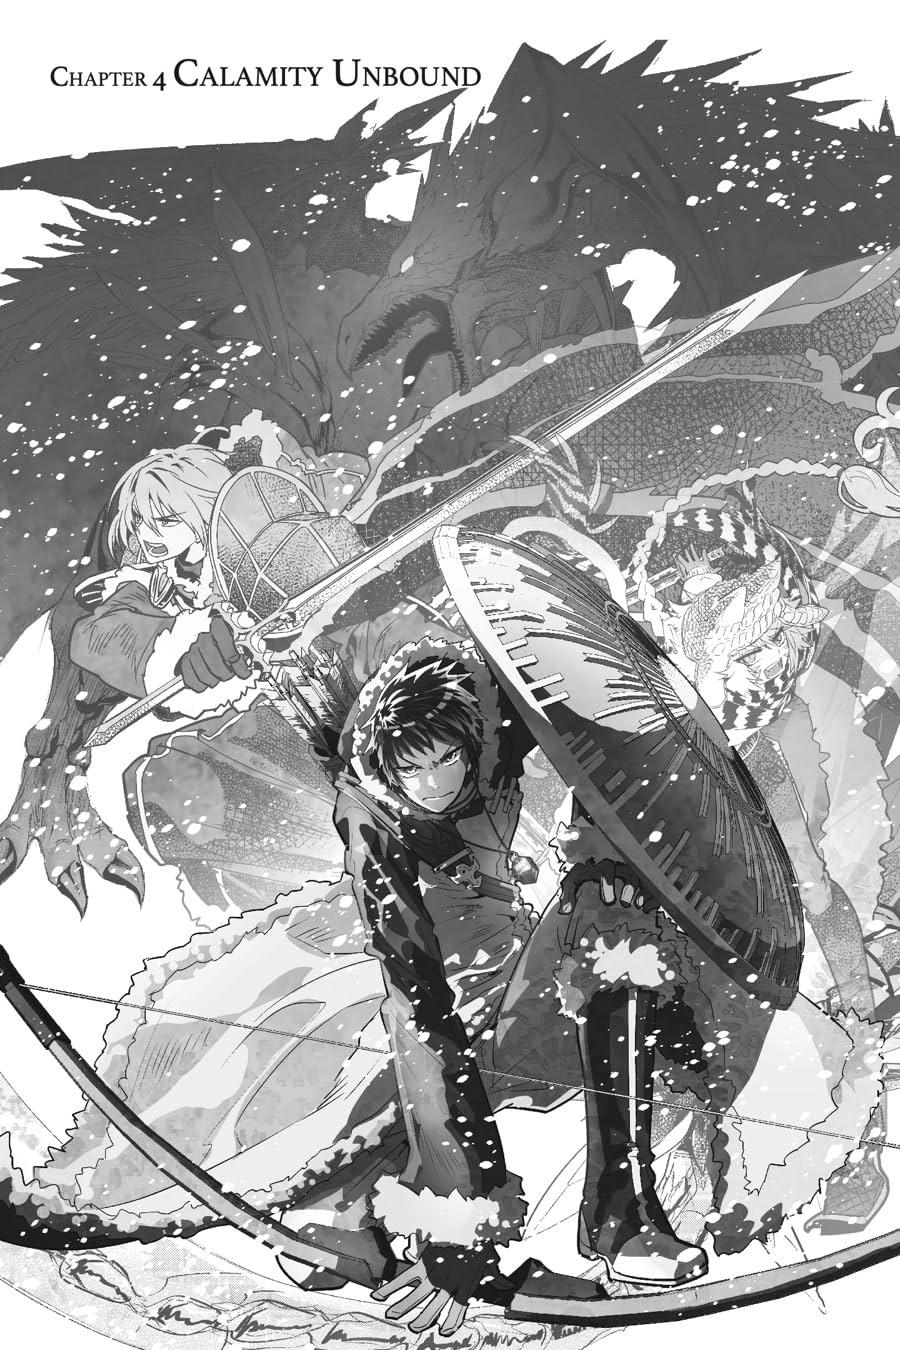 Final Fantasy Lost Stranger Vol. 2